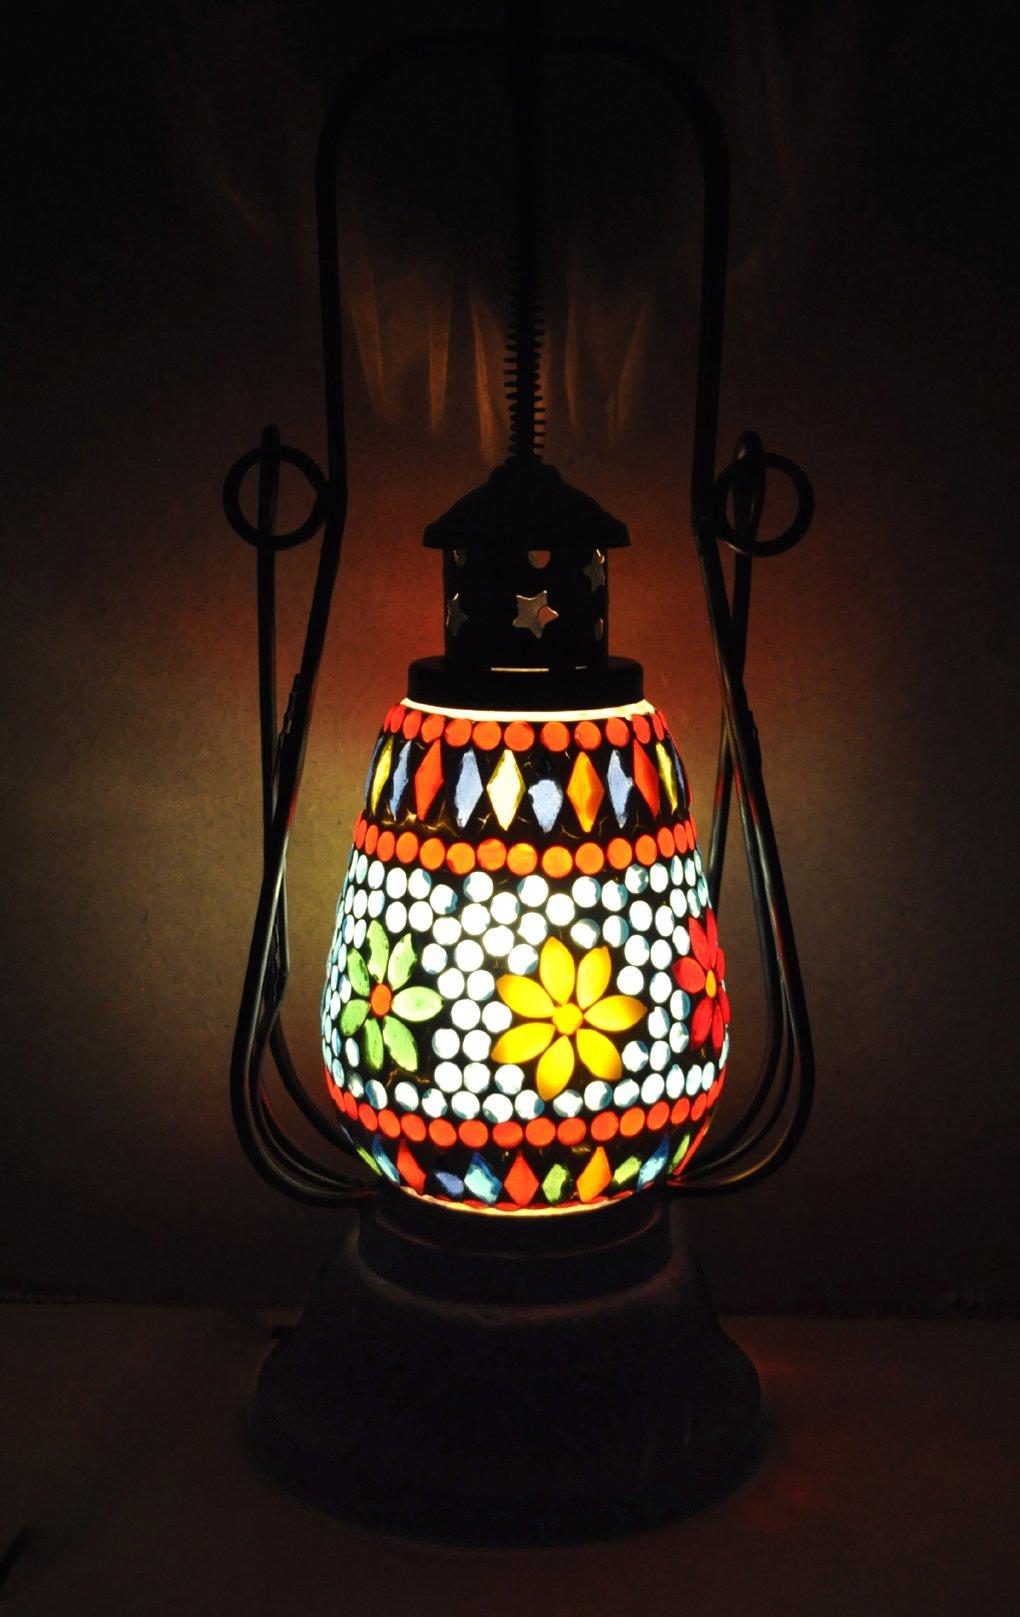 Lalhaveli Handmade Mosaic Turkish Hanging Lantern 6 X 19 Inches